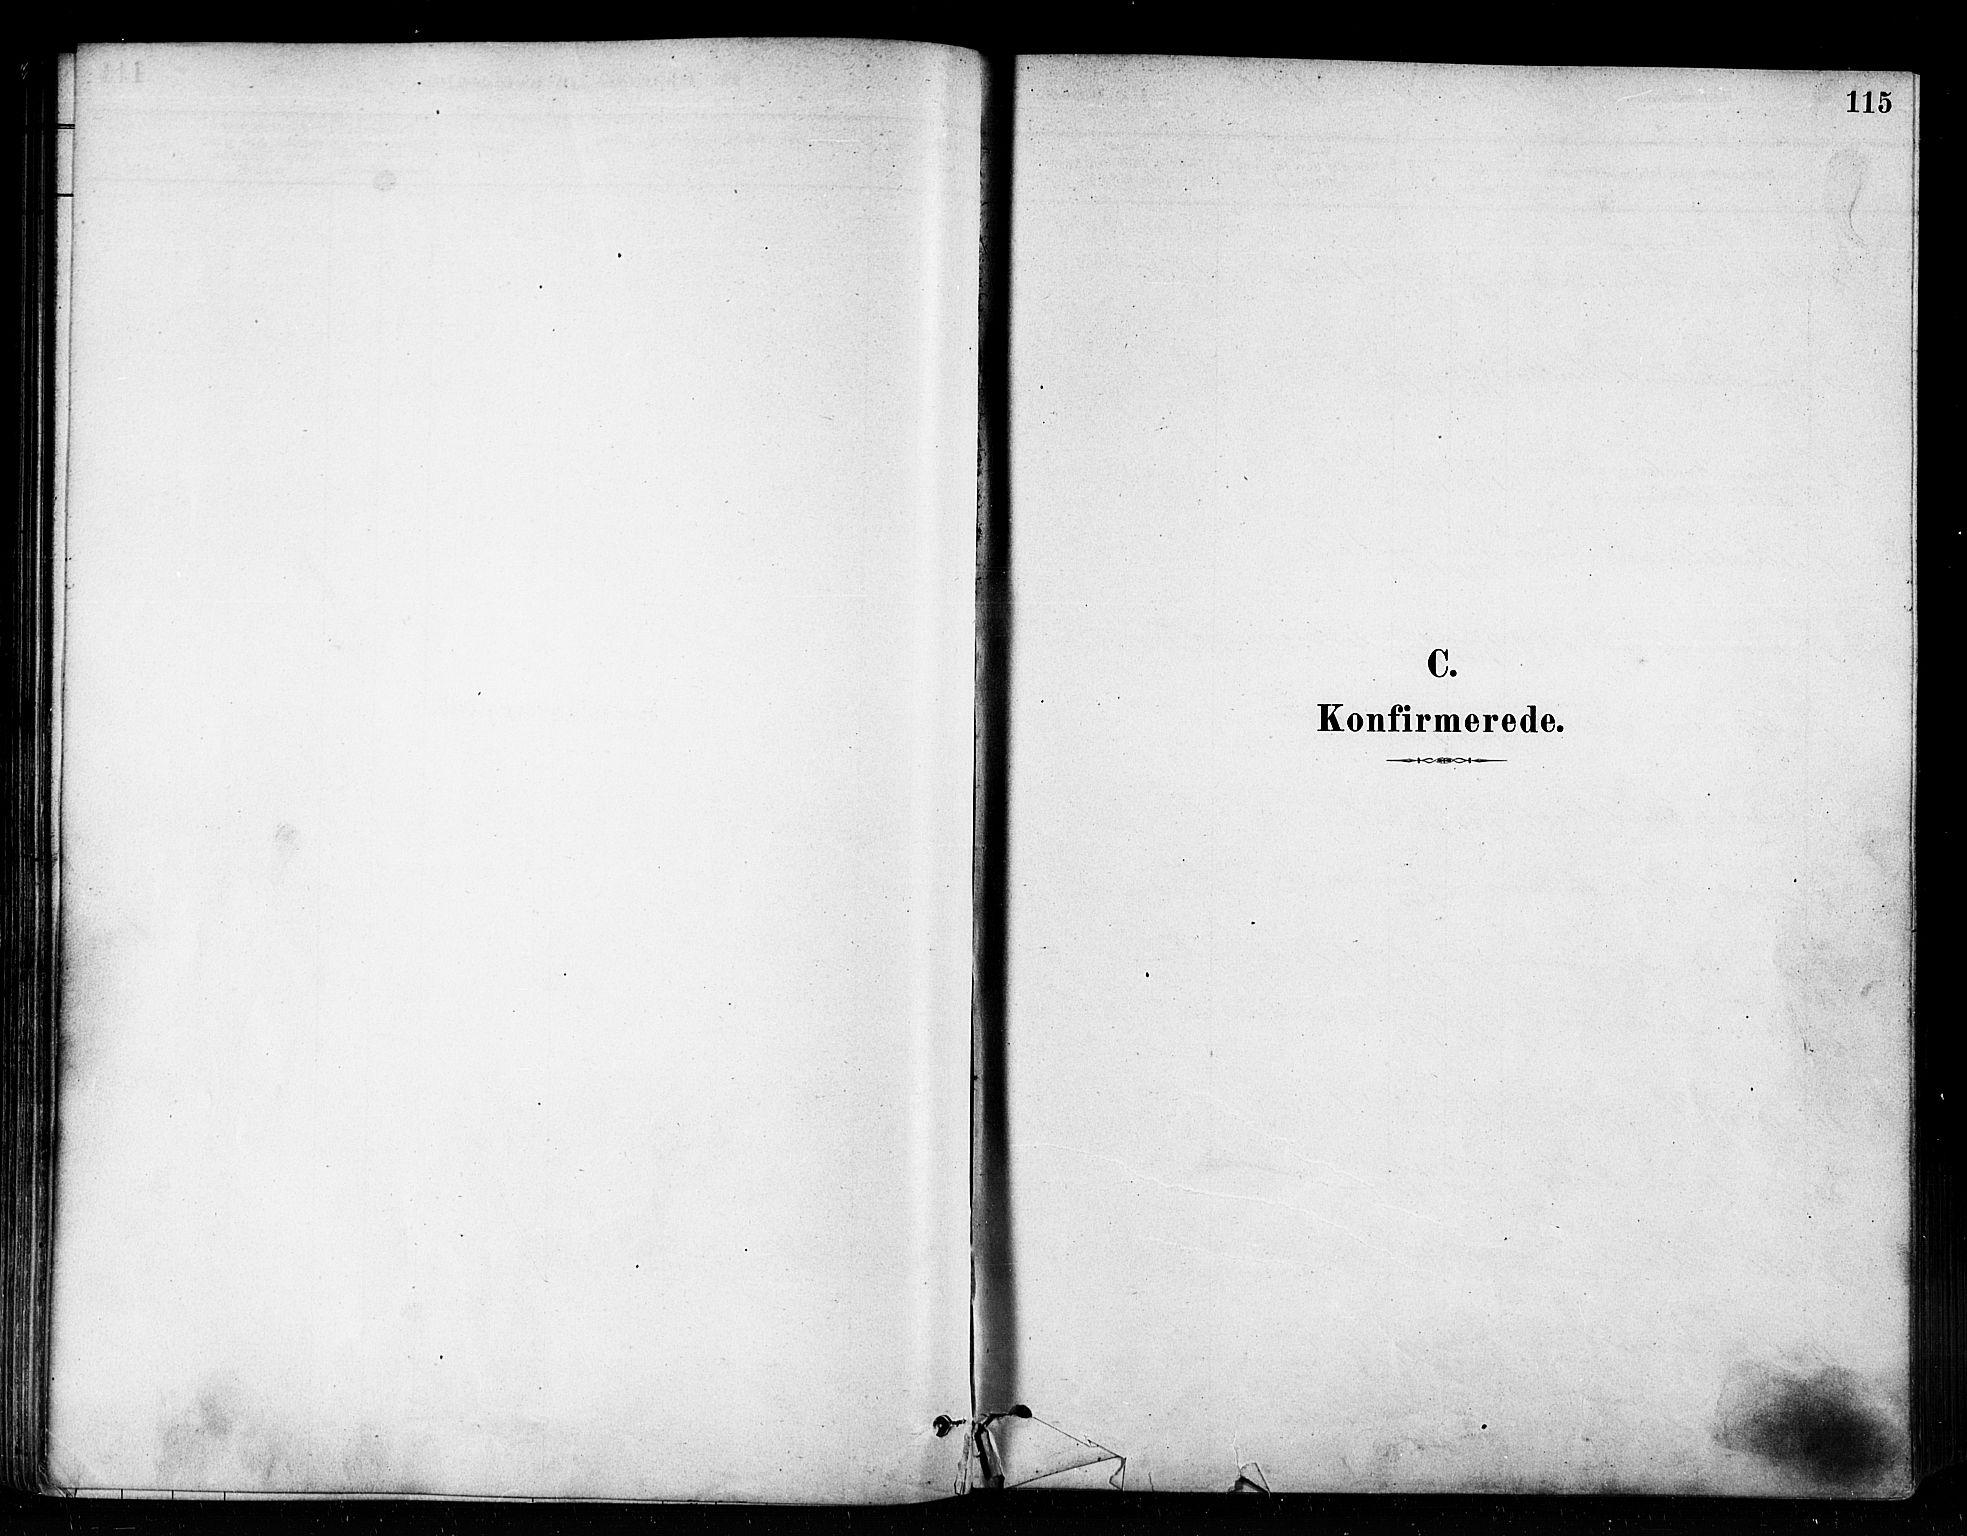 SATØ, Vardø sokneprestkontor, H/Ha/L0006kirke: Ministerialbok nr. 6, 1879-1886, s. 115